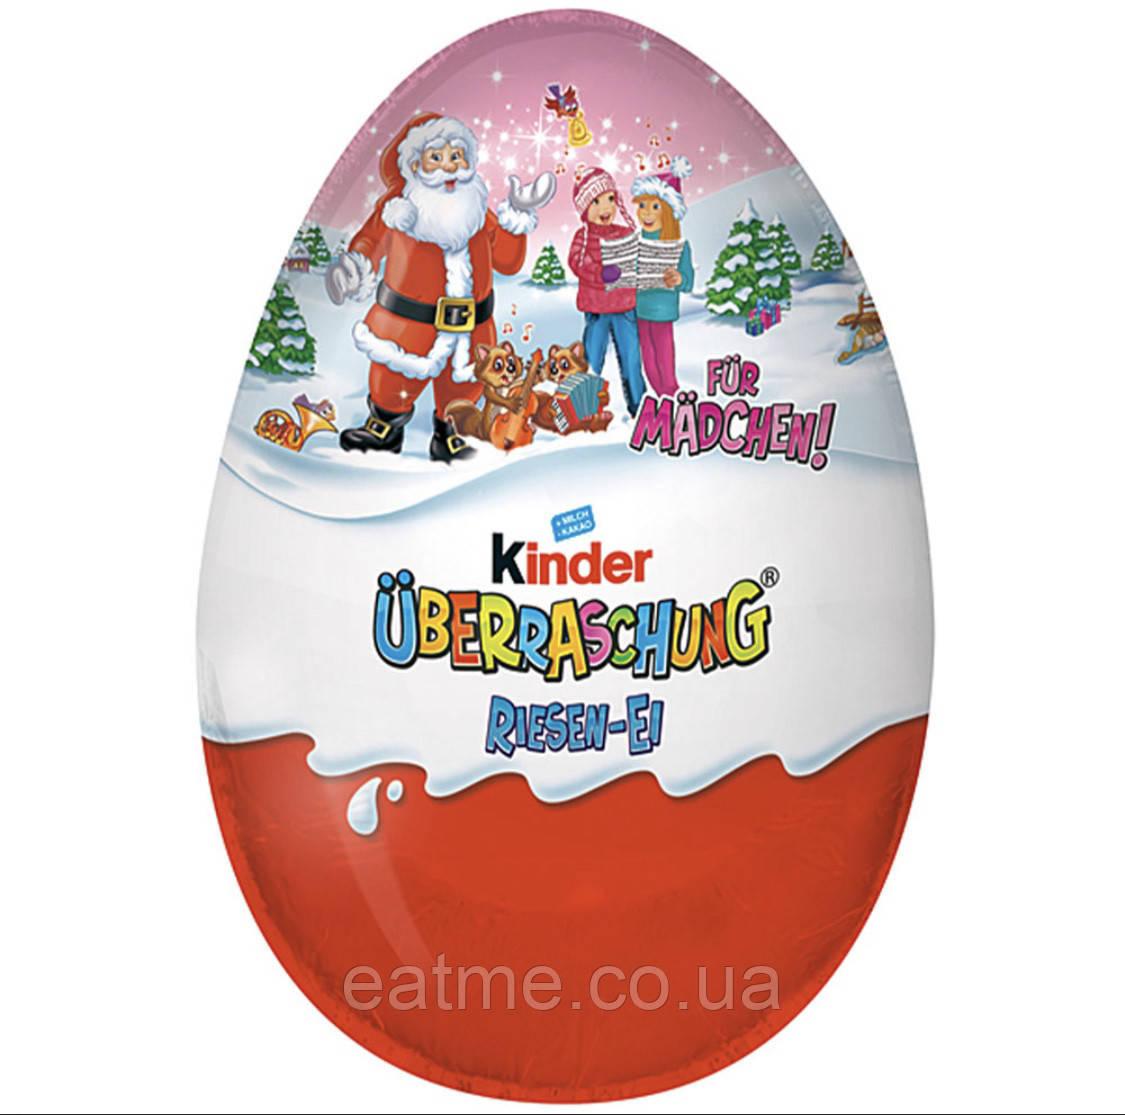 Kinder Überraschung Огромное шоколадное яйцо с сюрпризом (для девочек)